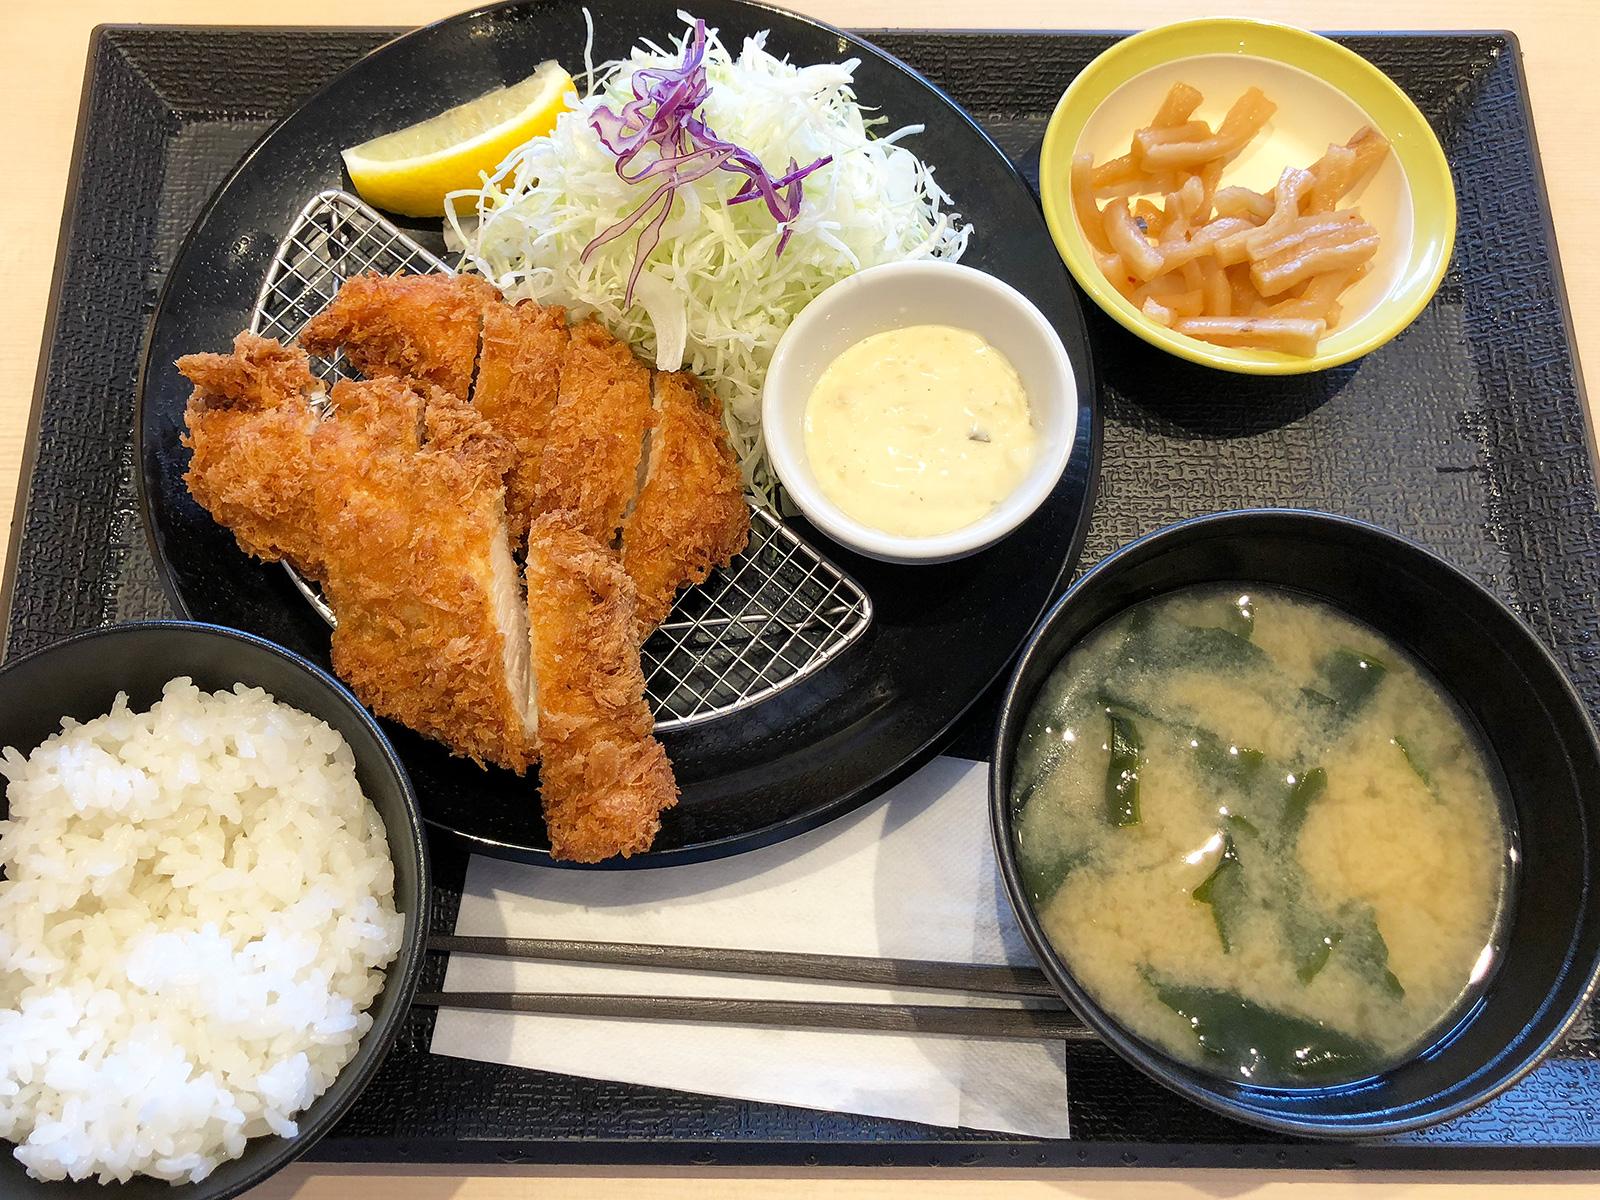 「松のや清須店」のささみかつ定食 @西枇杷島